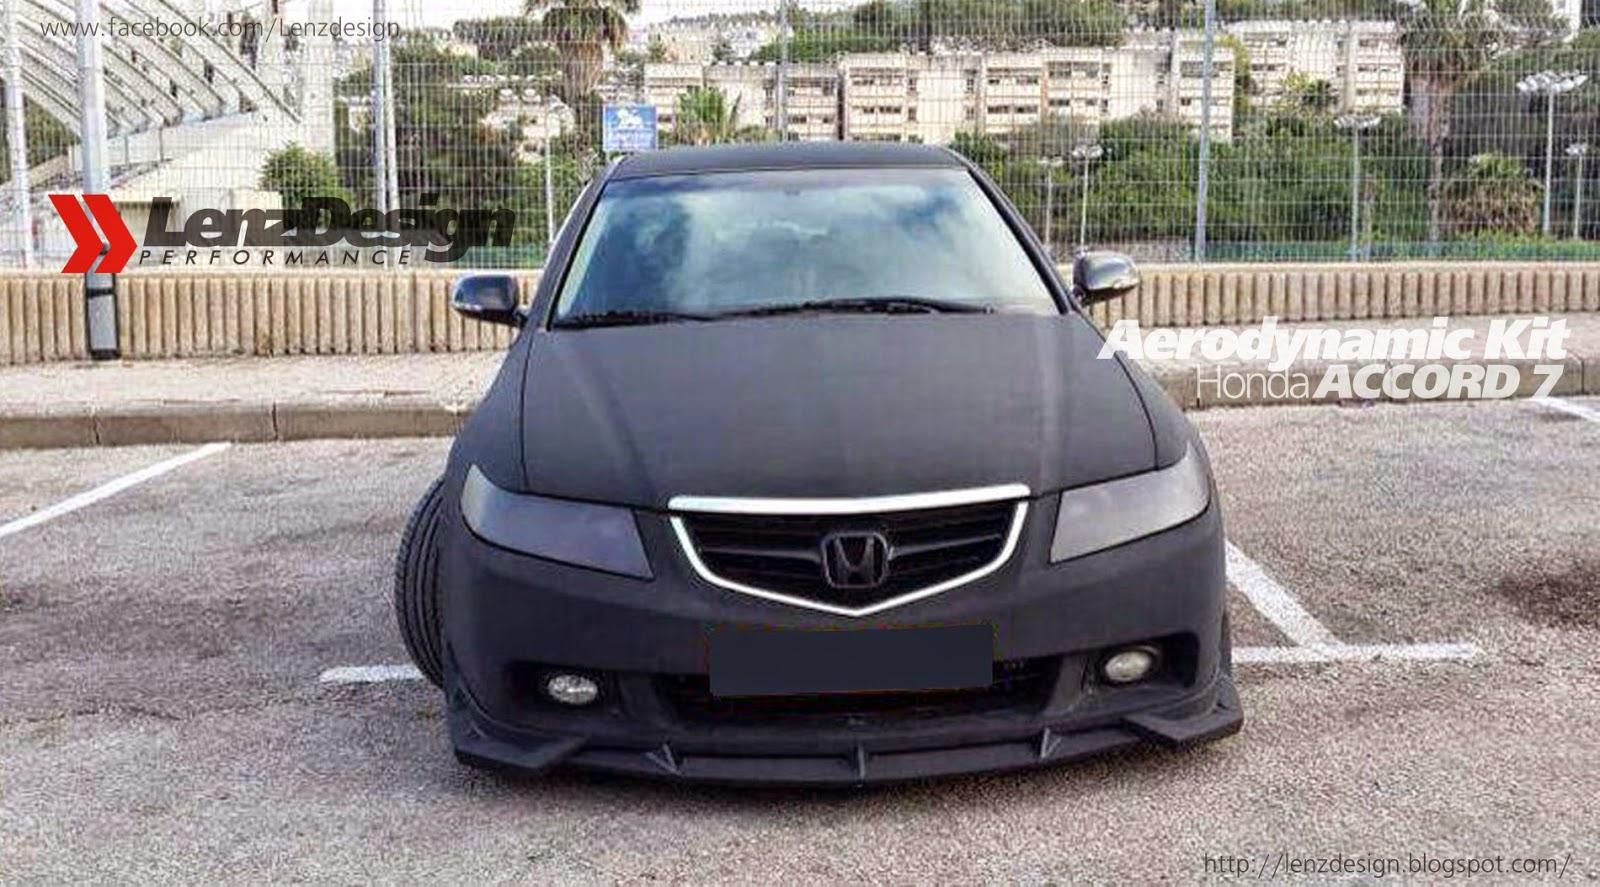 Honda accord 7 2002 2008 body kit tuning lenzdesign performance honda accord 7 body kit lenzdesign performance israel price us 800 00 ils 3 000